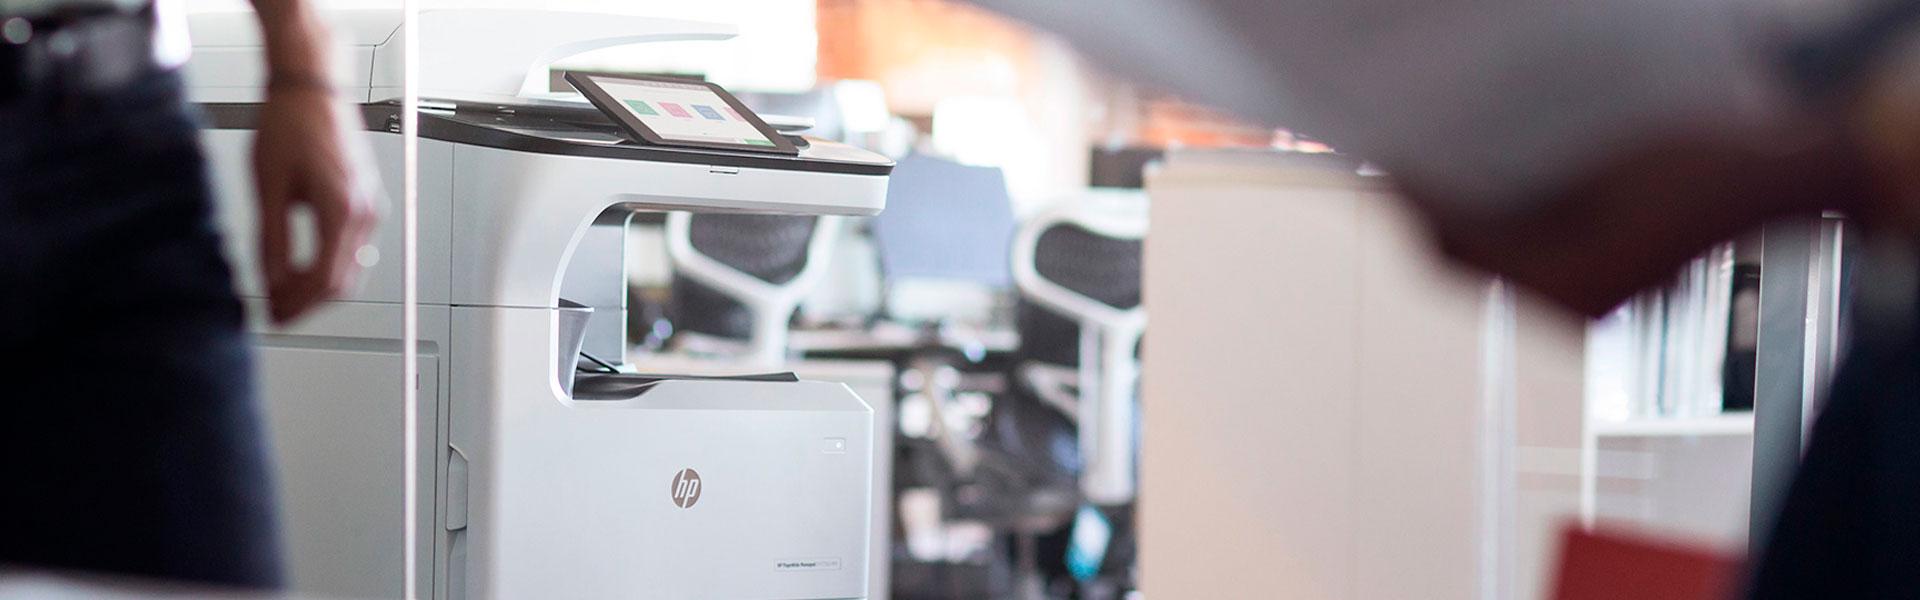 Comprar impresora para empresa